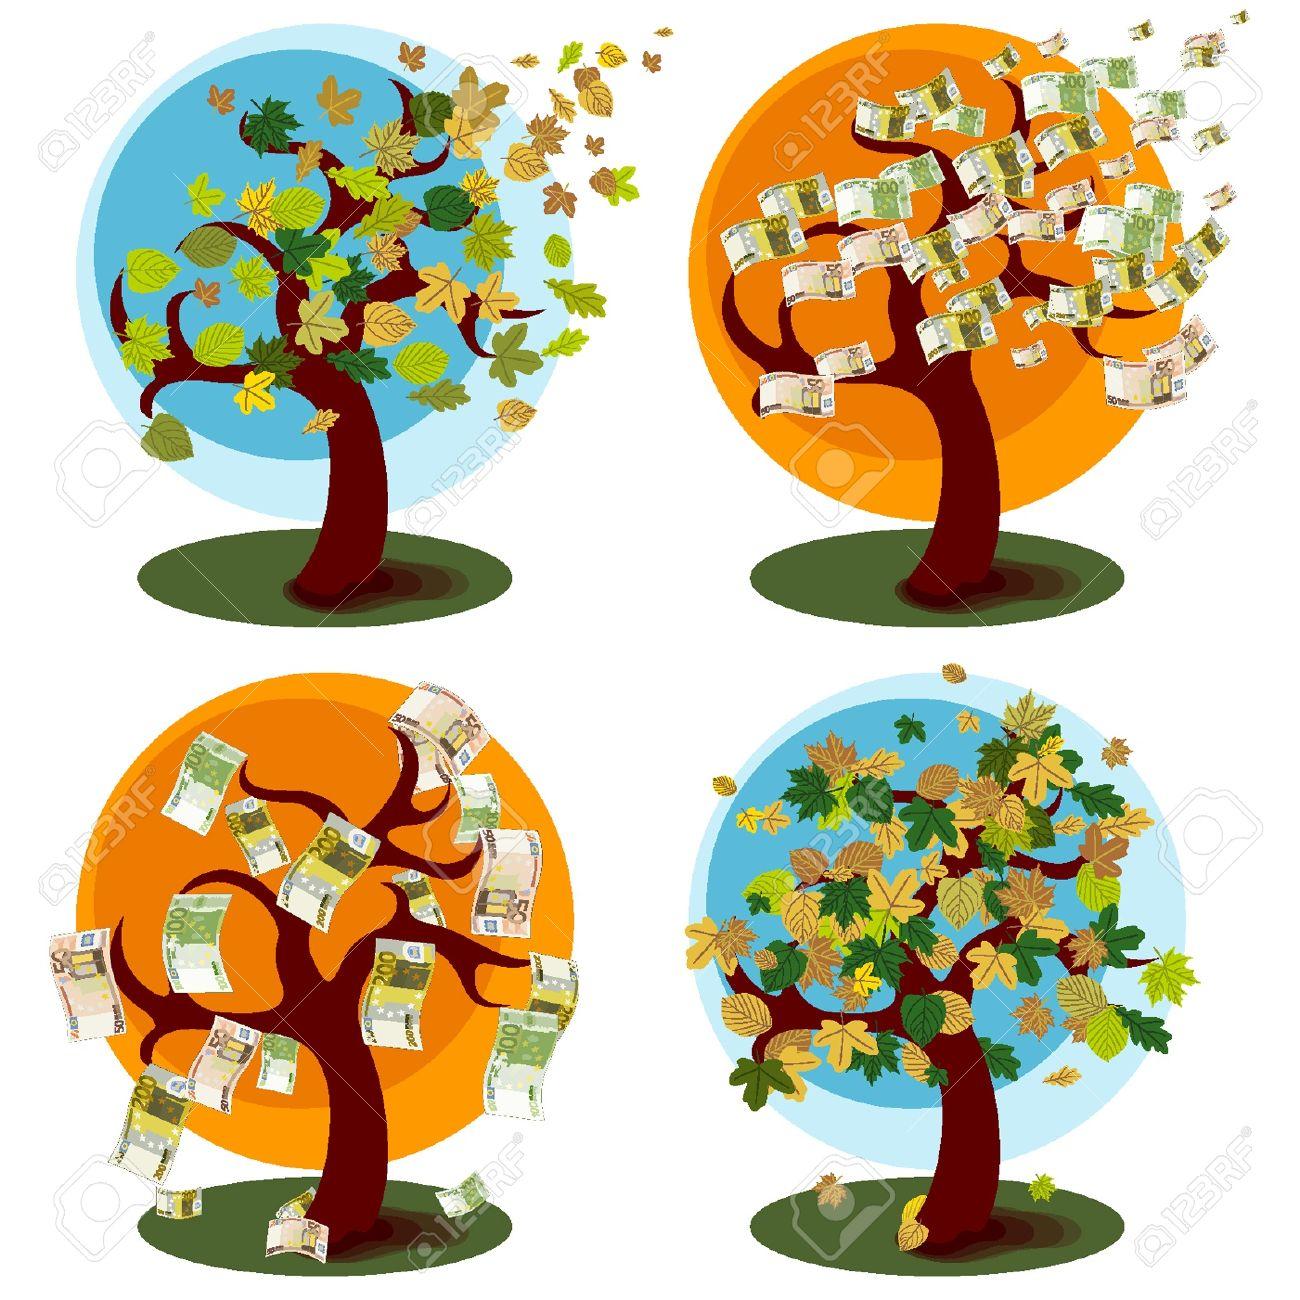 Árbol de dinero y el árbol con hojas de otoño Foto de archivo - 18134349